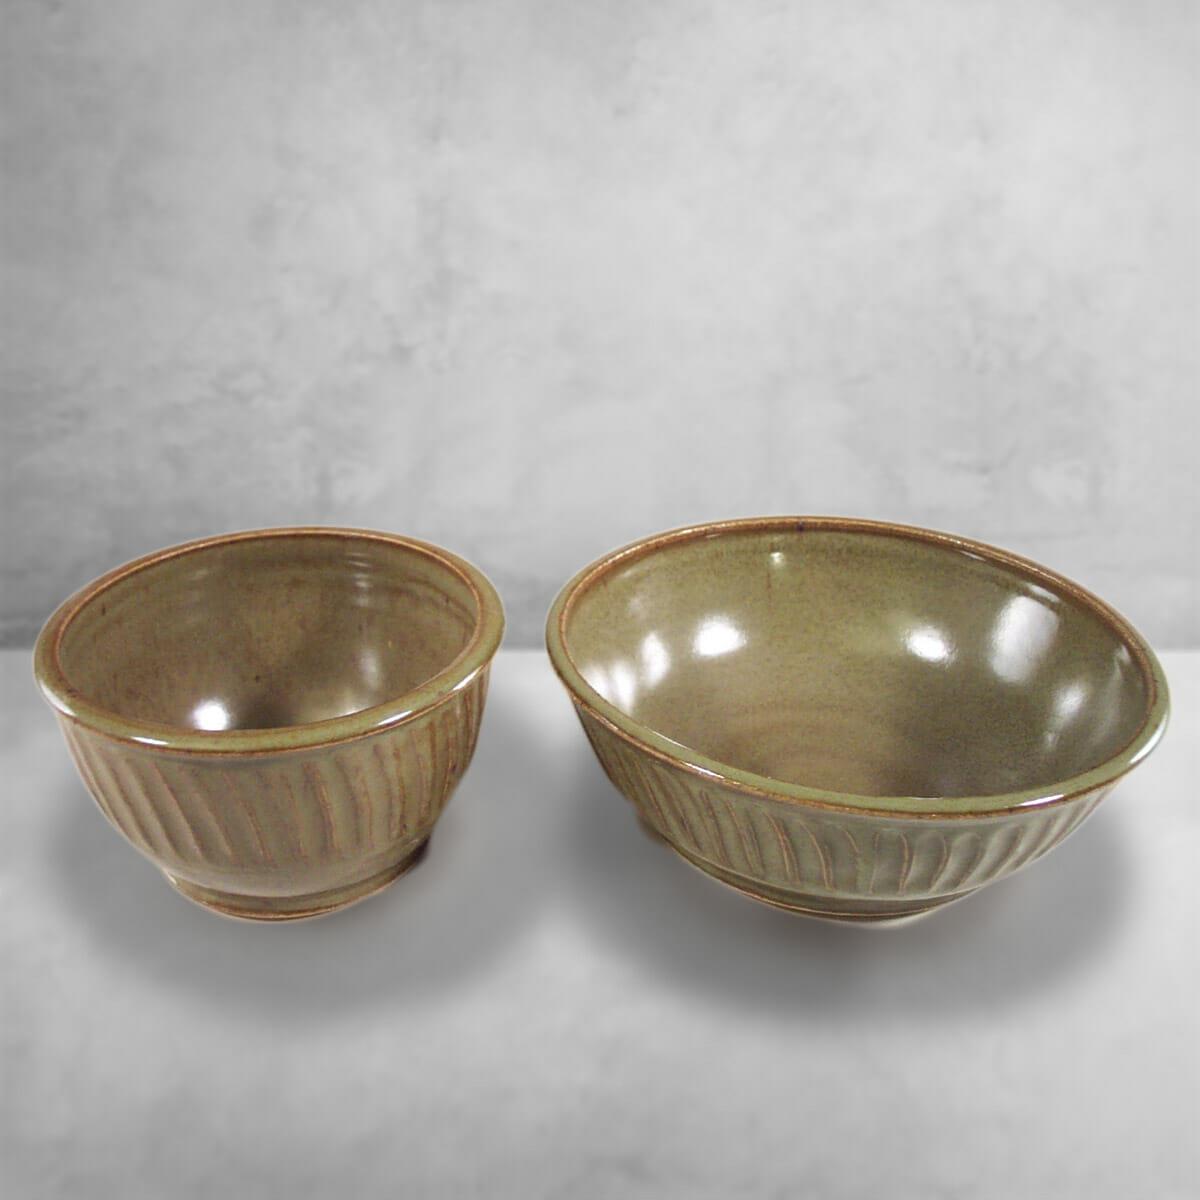 Cereal Bowl or Serving Bowl in Fluted Design Green Glaze